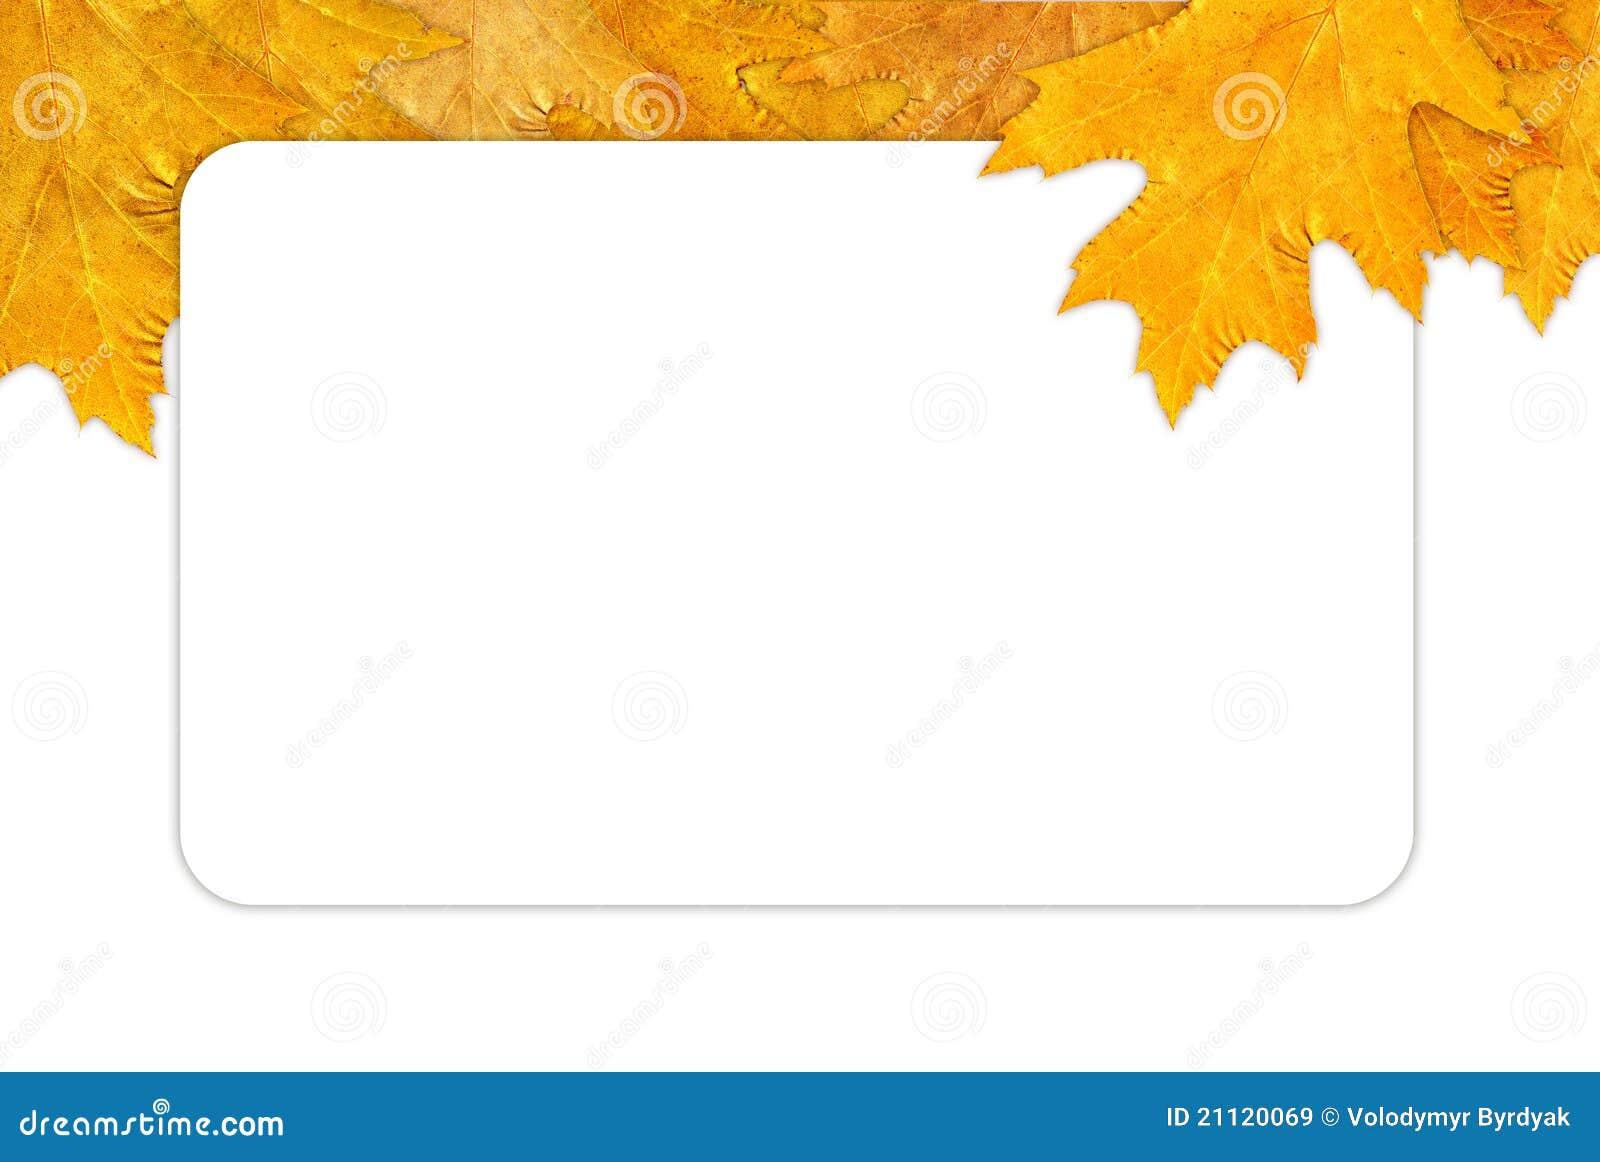 ppt 背景 背景图片 边框 模板 设计 相框 1300_961图片